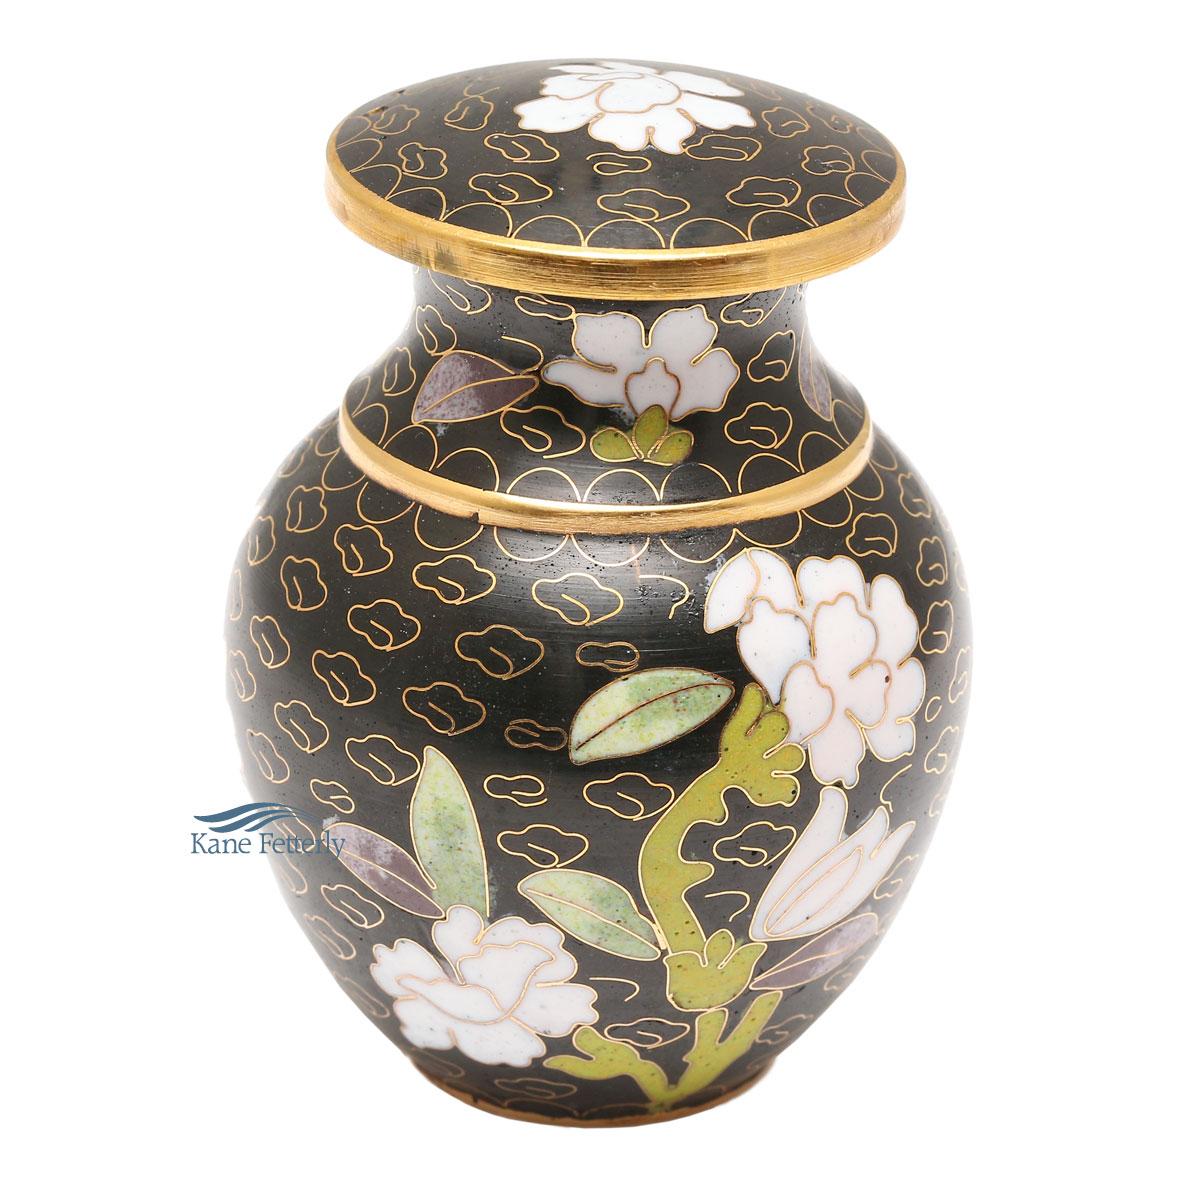 U8579K Cloisonn� miniature urn